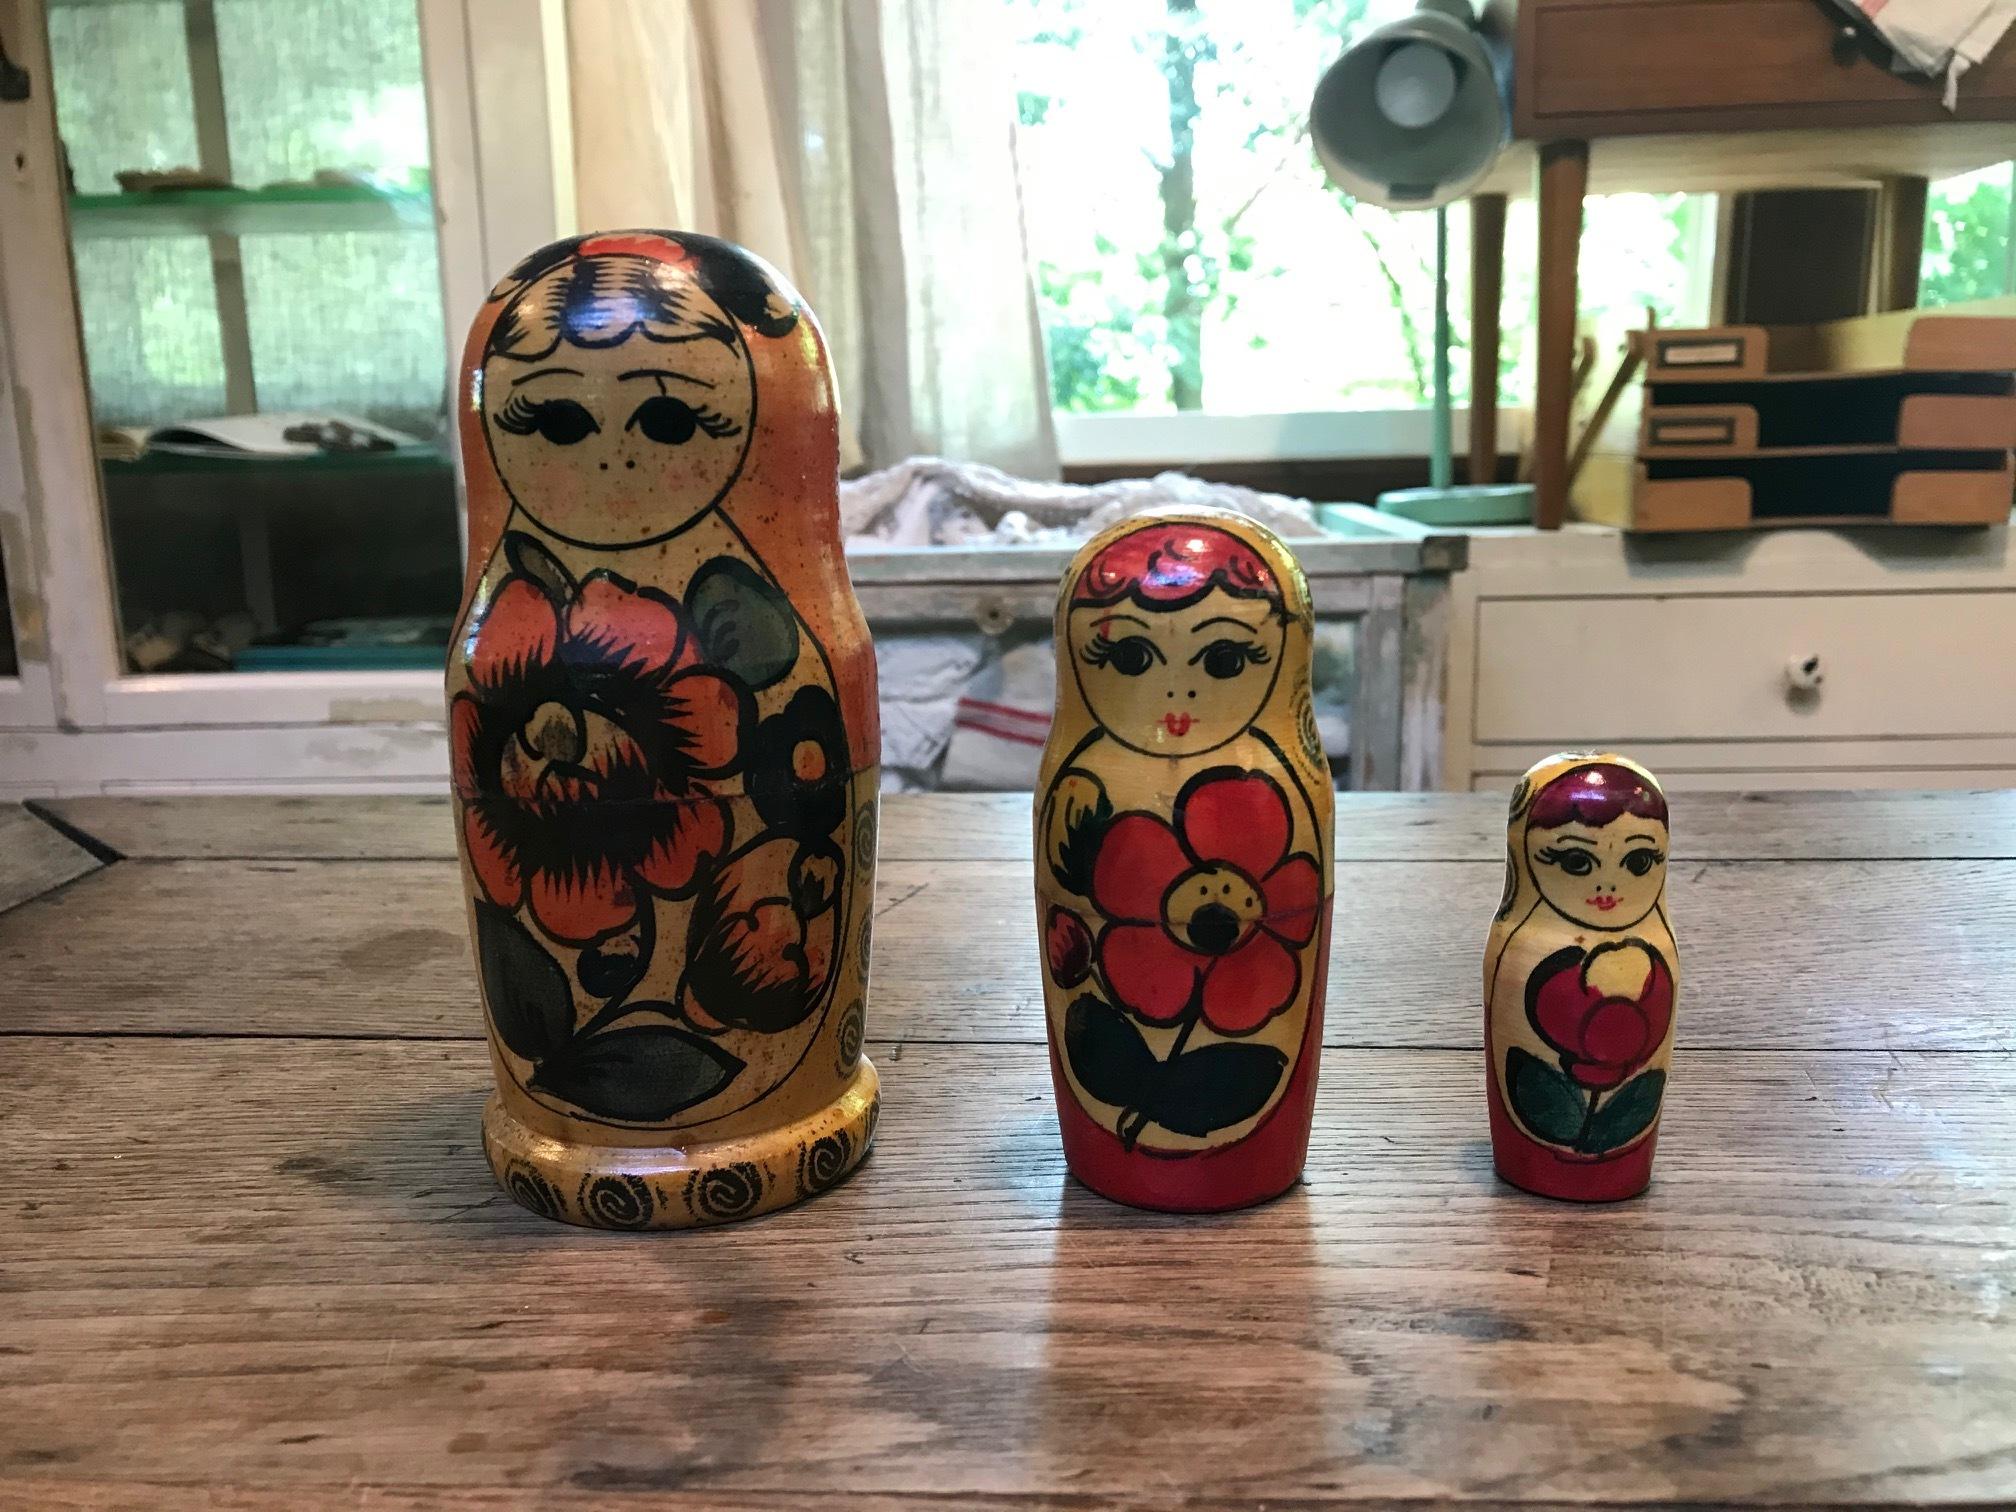 ロシア民芸 ヴィンテージ マトリョーシカ 人形 B